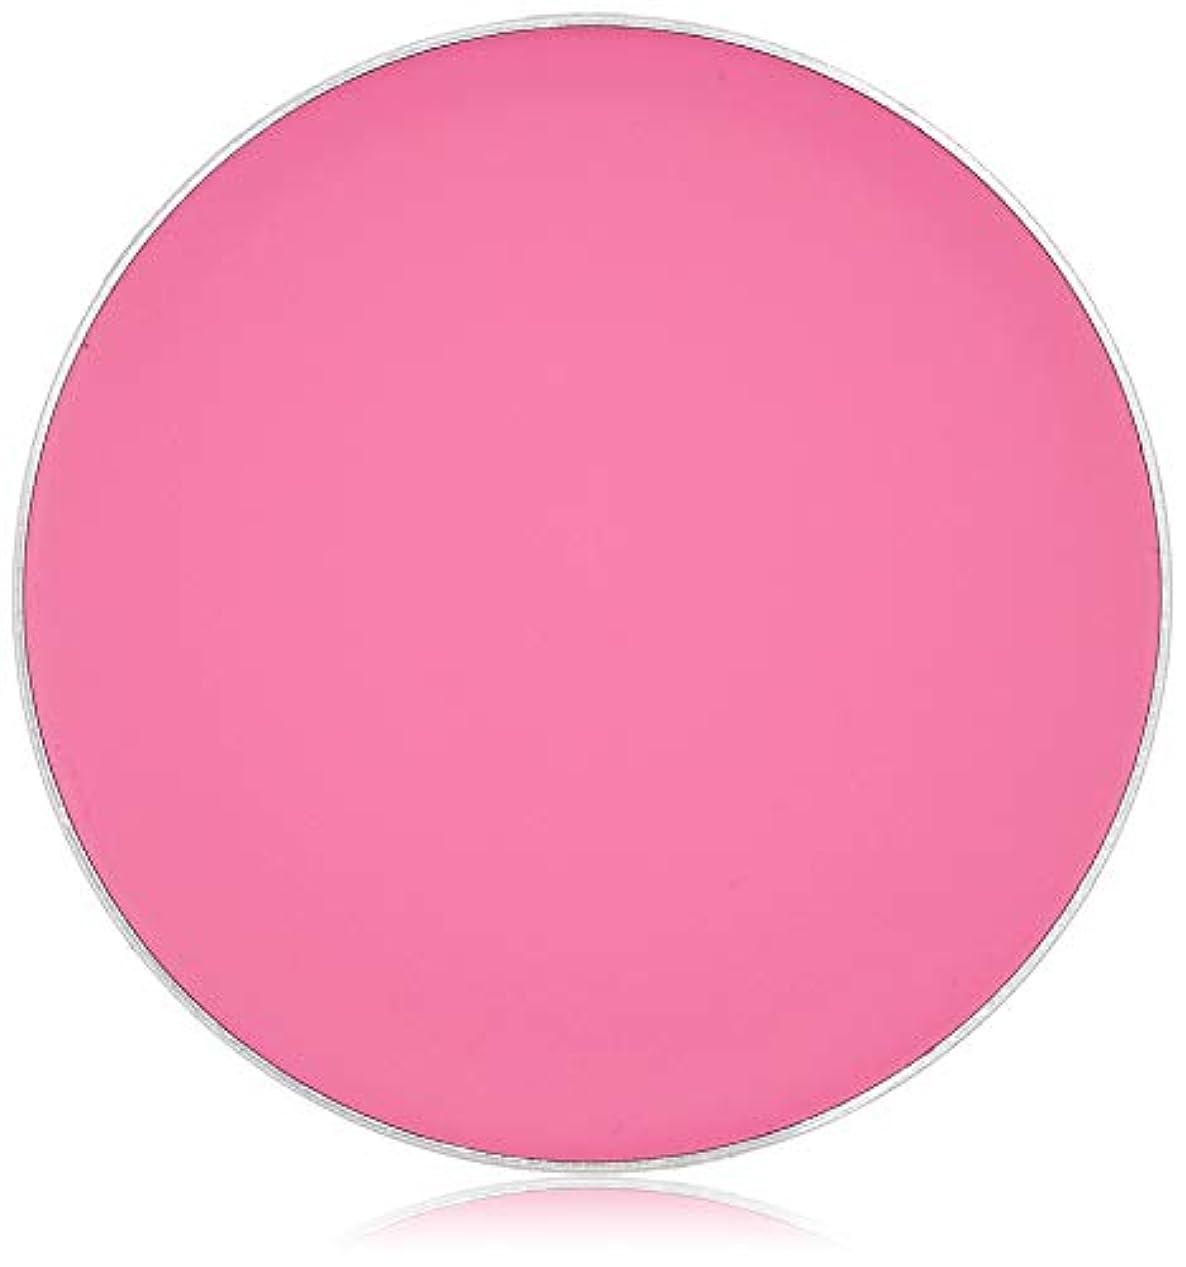 首謀者禁じる反響するキッカ フローレスグロウ フラッシュブラッシュ 07 肌をより明るく際立たせる、鮮やかな青みピンク。 チーク